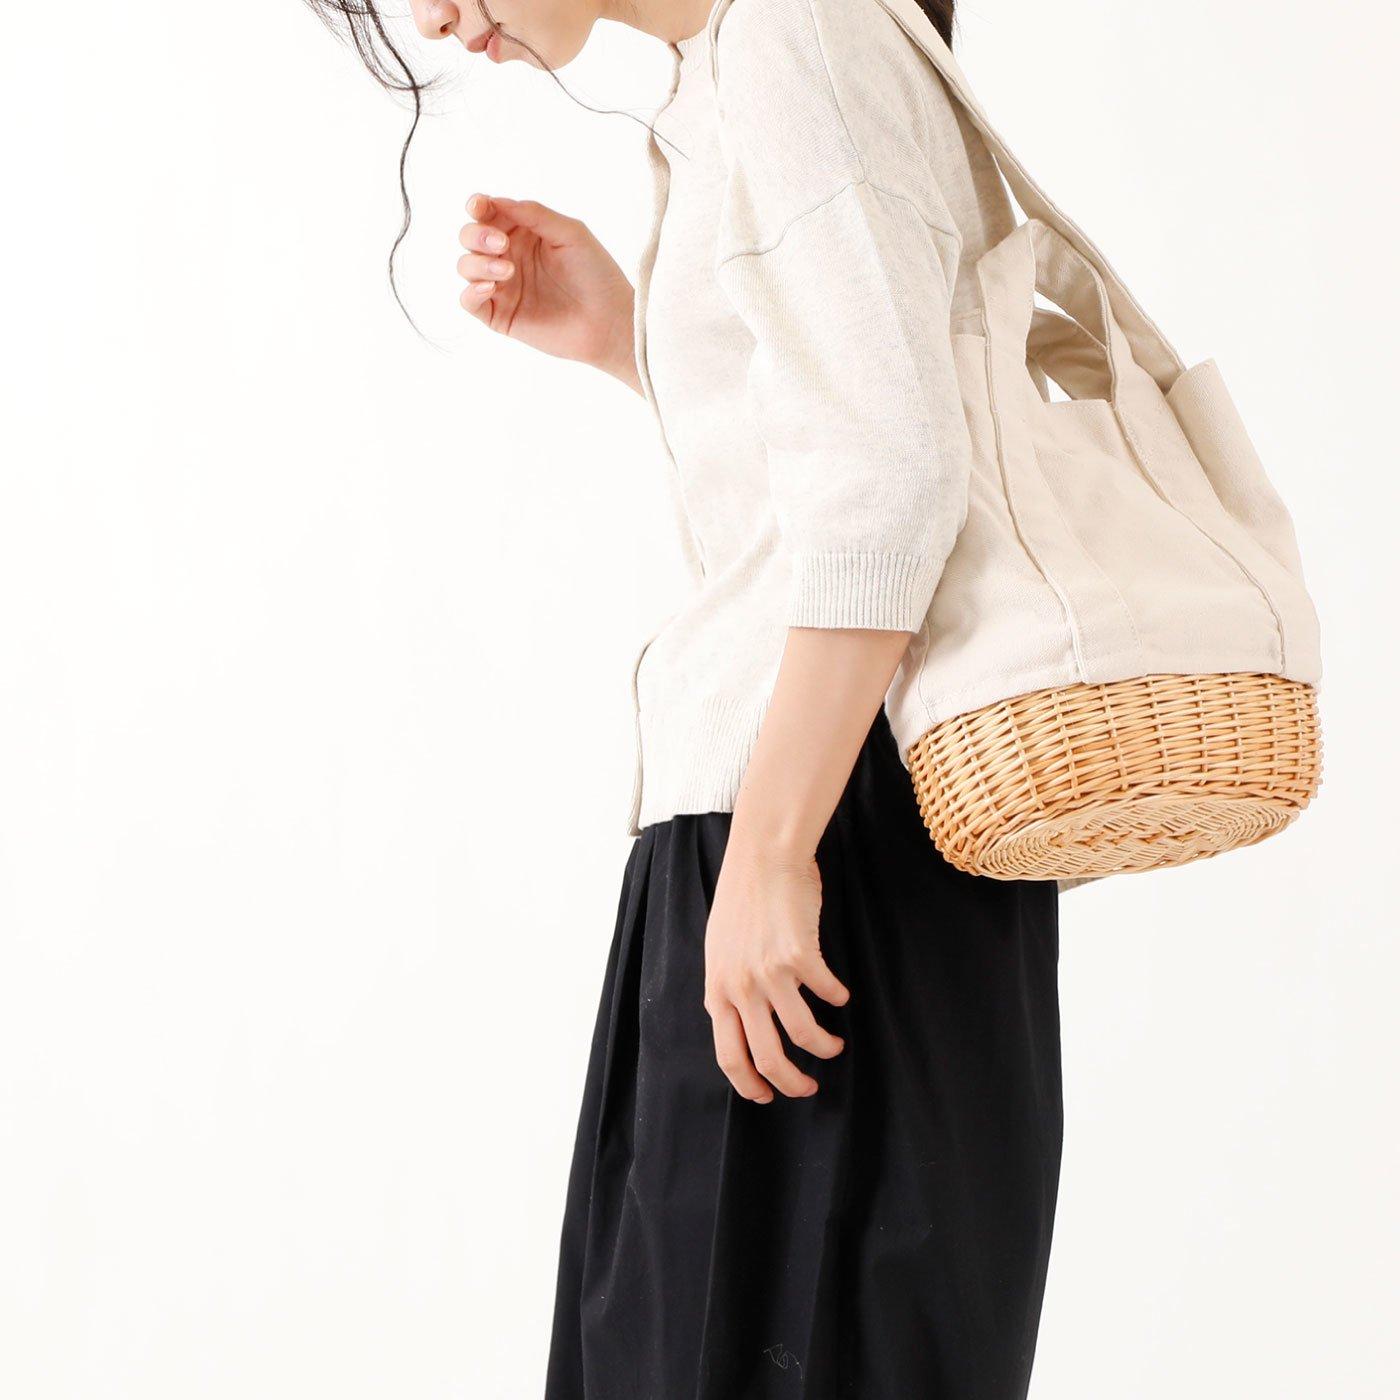 カジュアルな装いにぴったり 柳かごを合わせた2wayバッグ